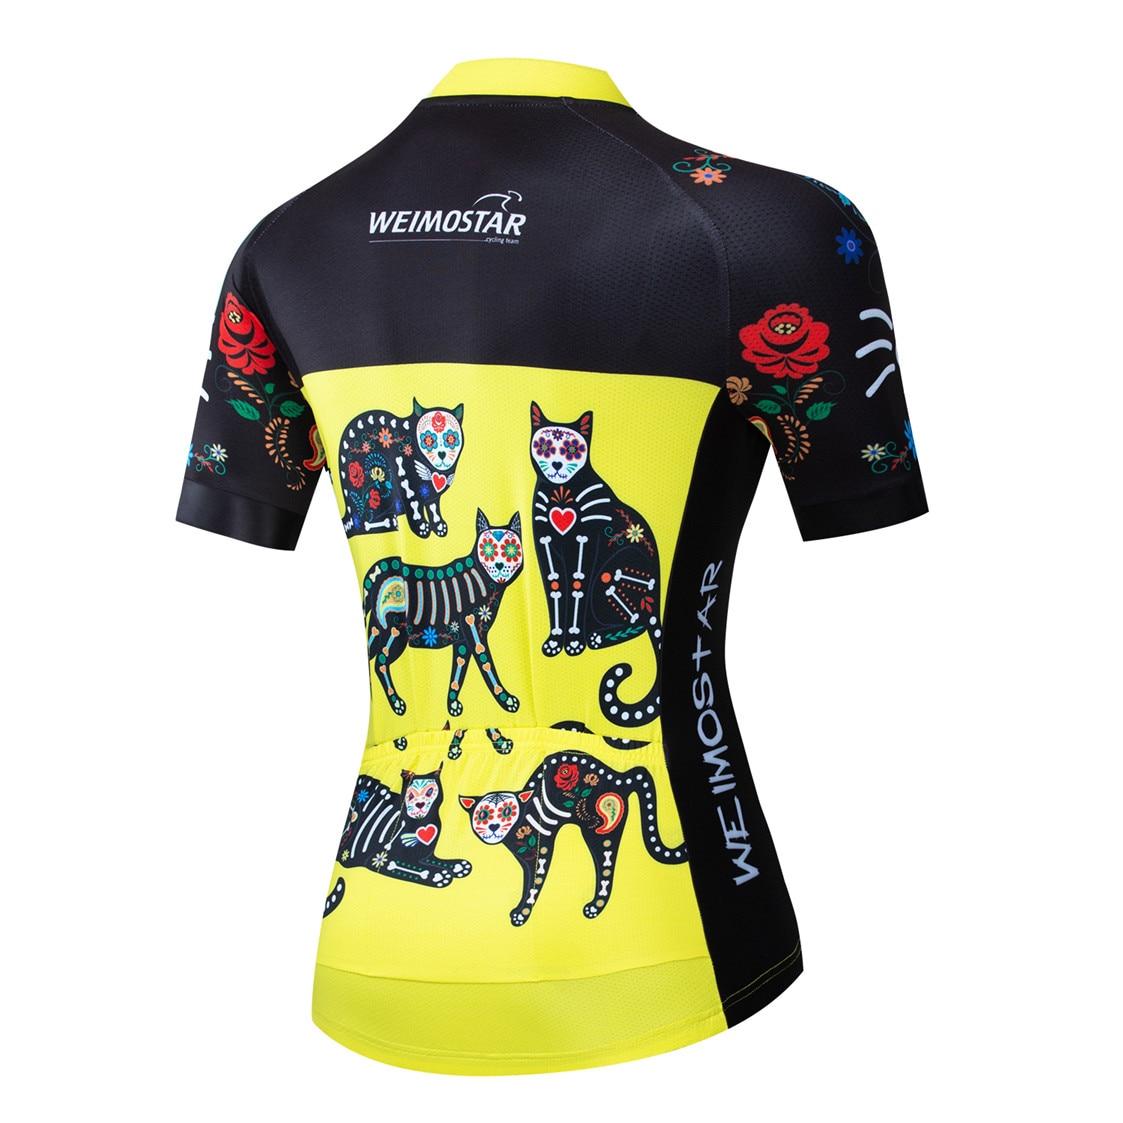 2020 camisa de ciclismo das mulheres da bicicleta jerseys feminino estrada mtb camisa ropa ciclismo maillot meninas corrida topos verão amarelo preto